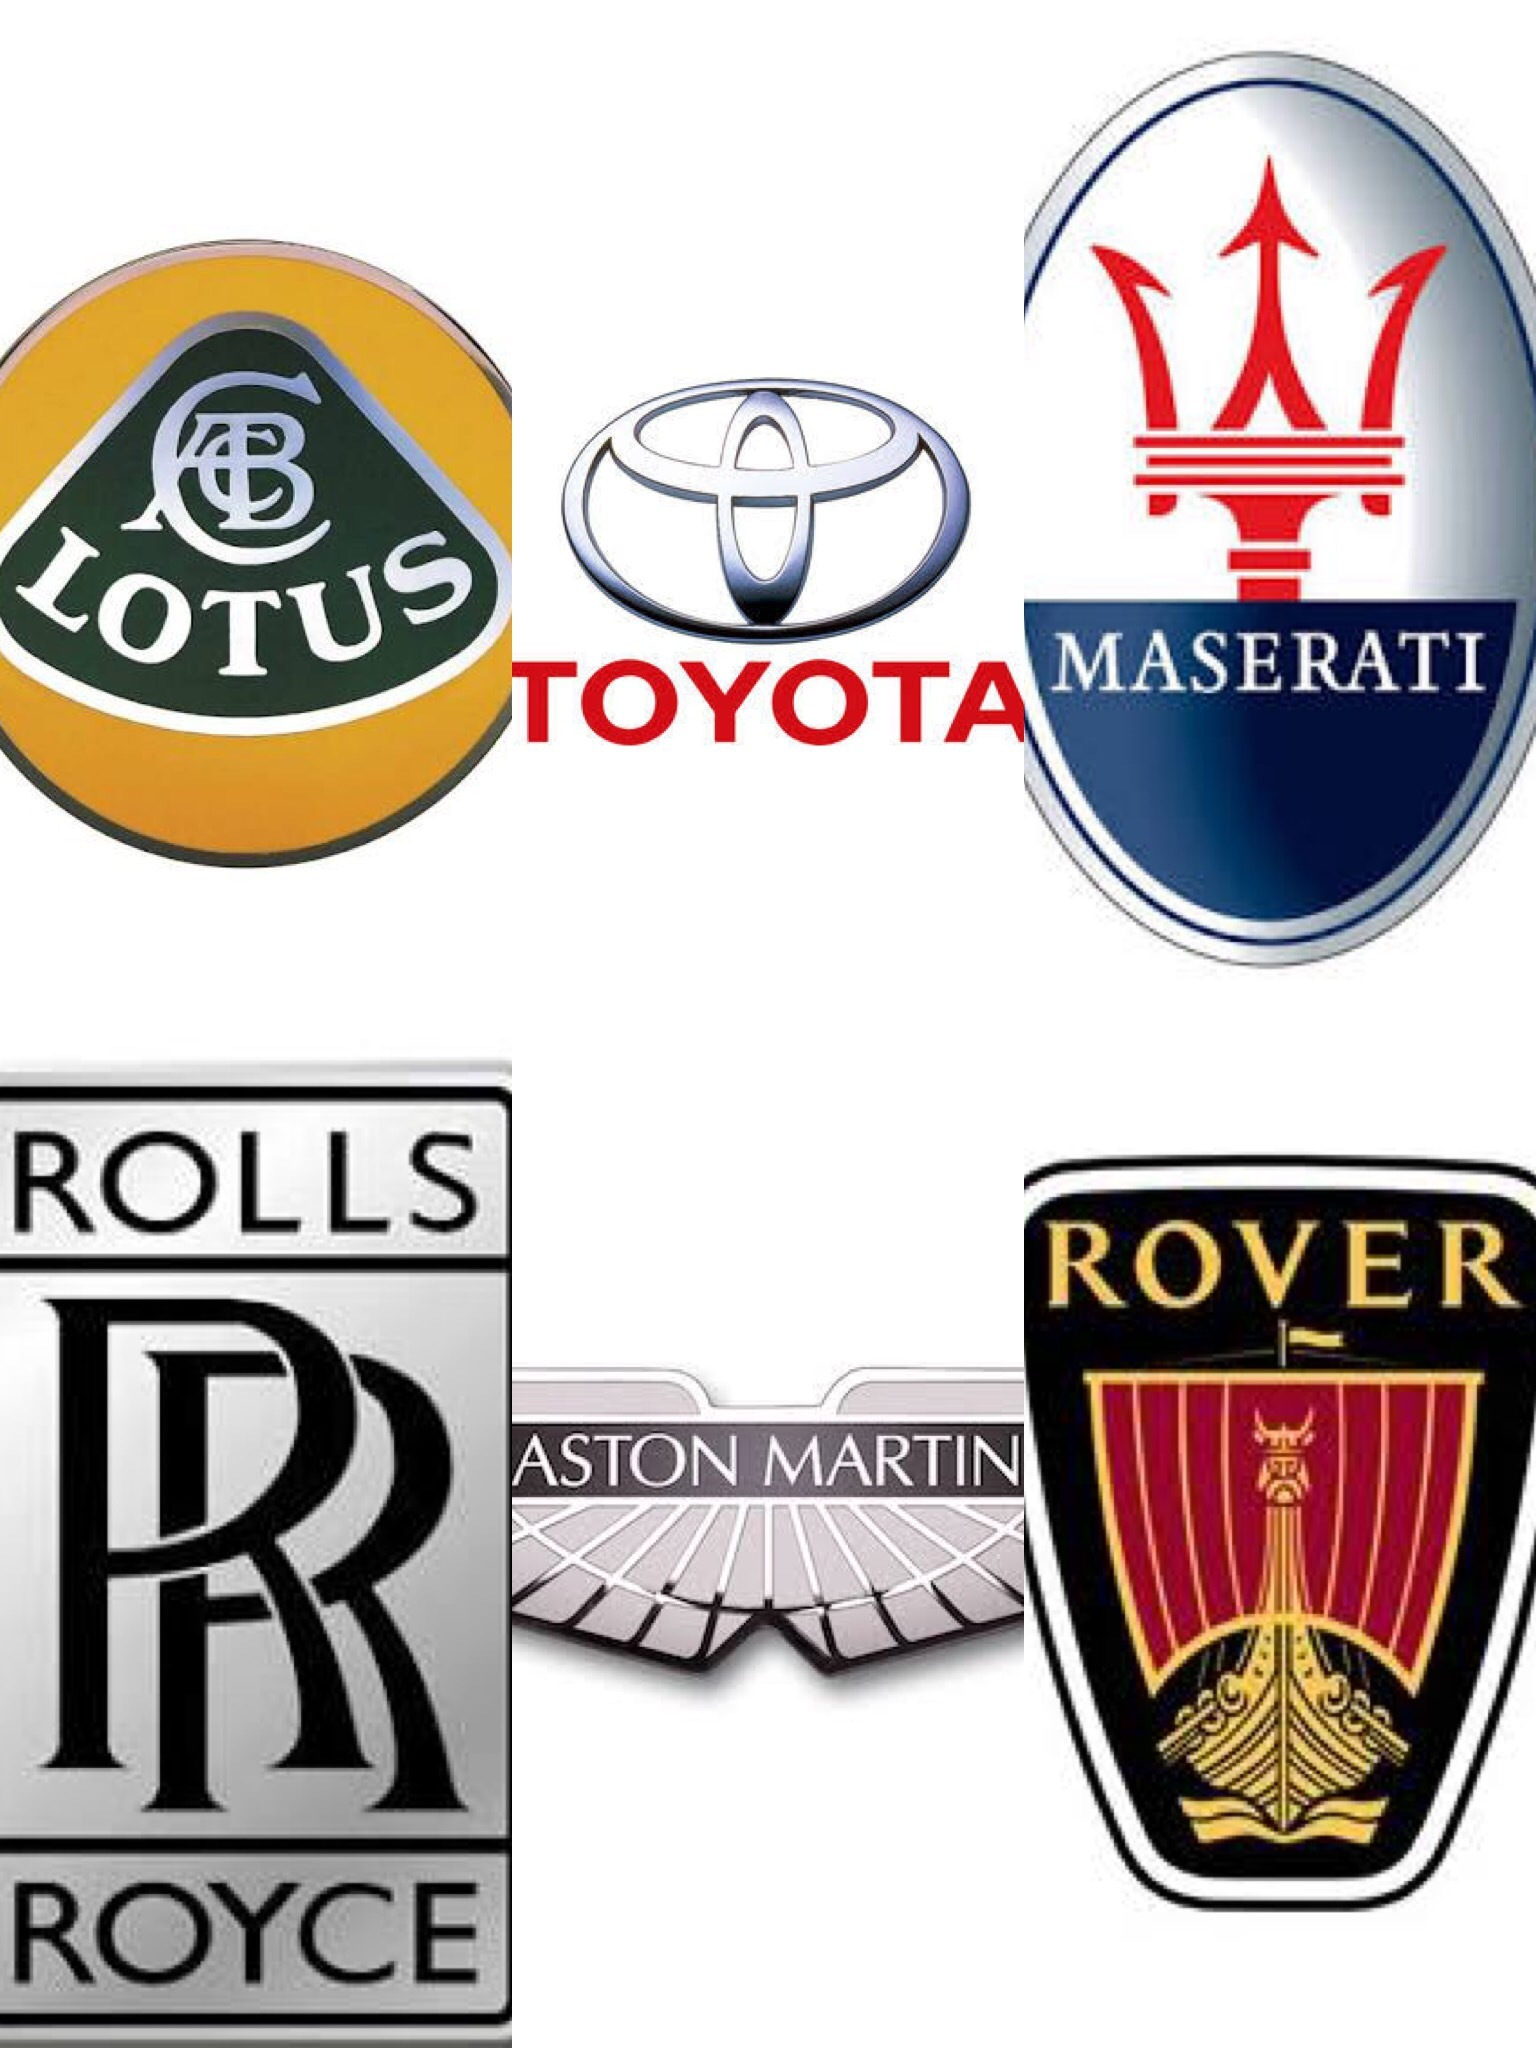 日本の自動車メーカーの海外メーカーM&A